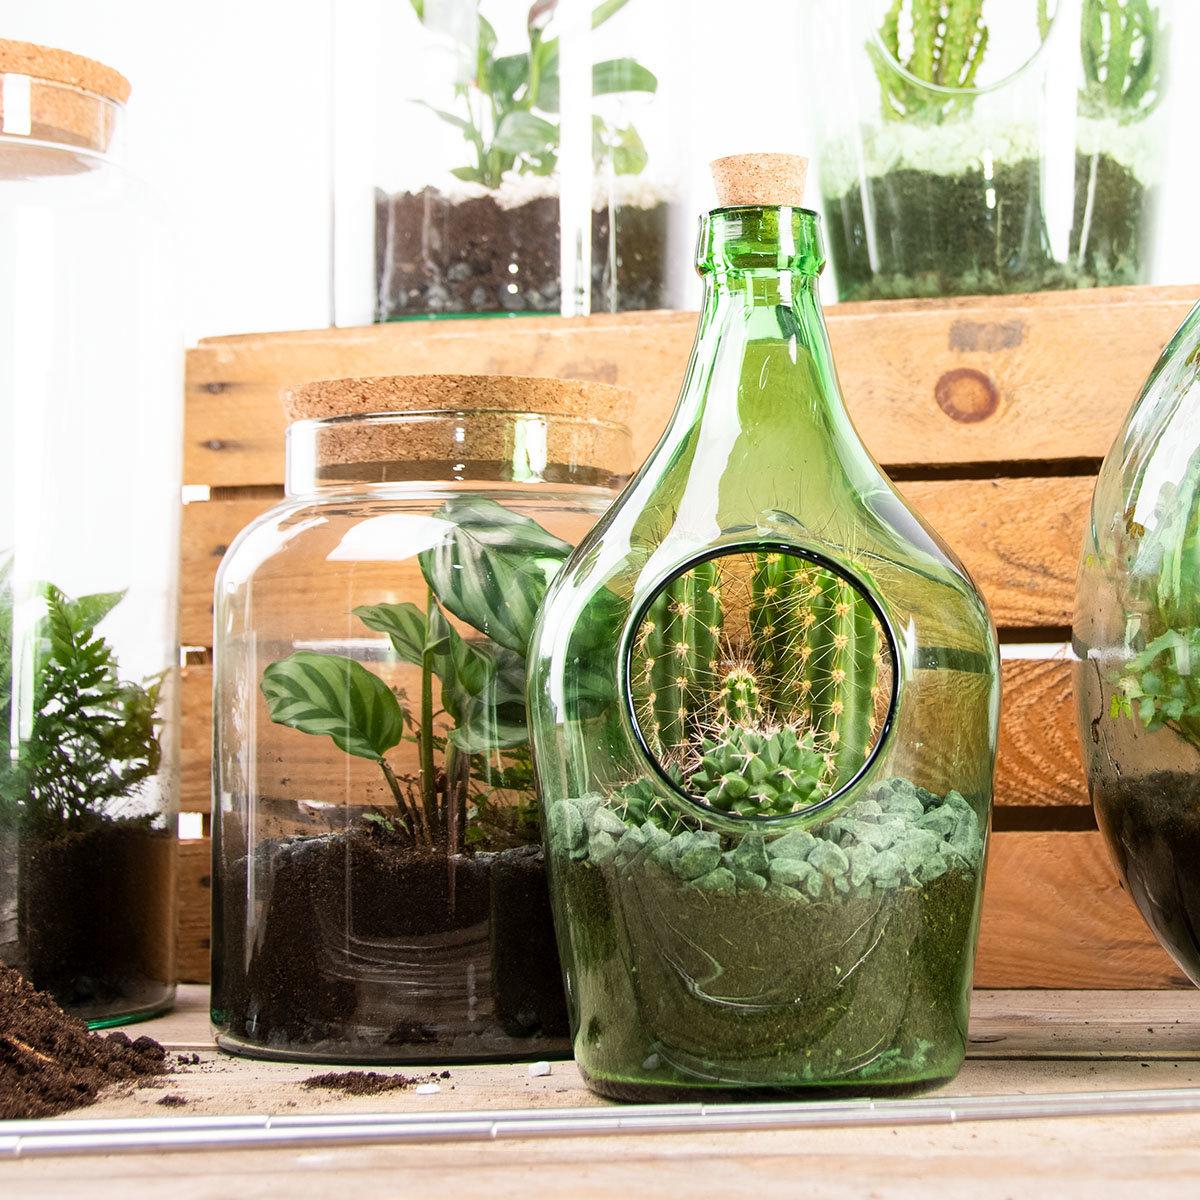 DIY Terrariumflasche mit Seitenöffnung, Komplettset, 3 Liter | #3